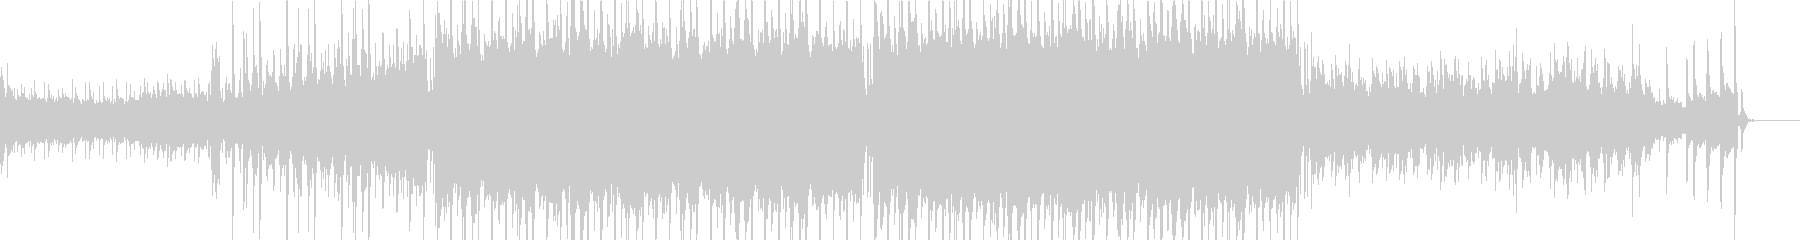 琴を用いた和風なヒップホップの未再生の波形